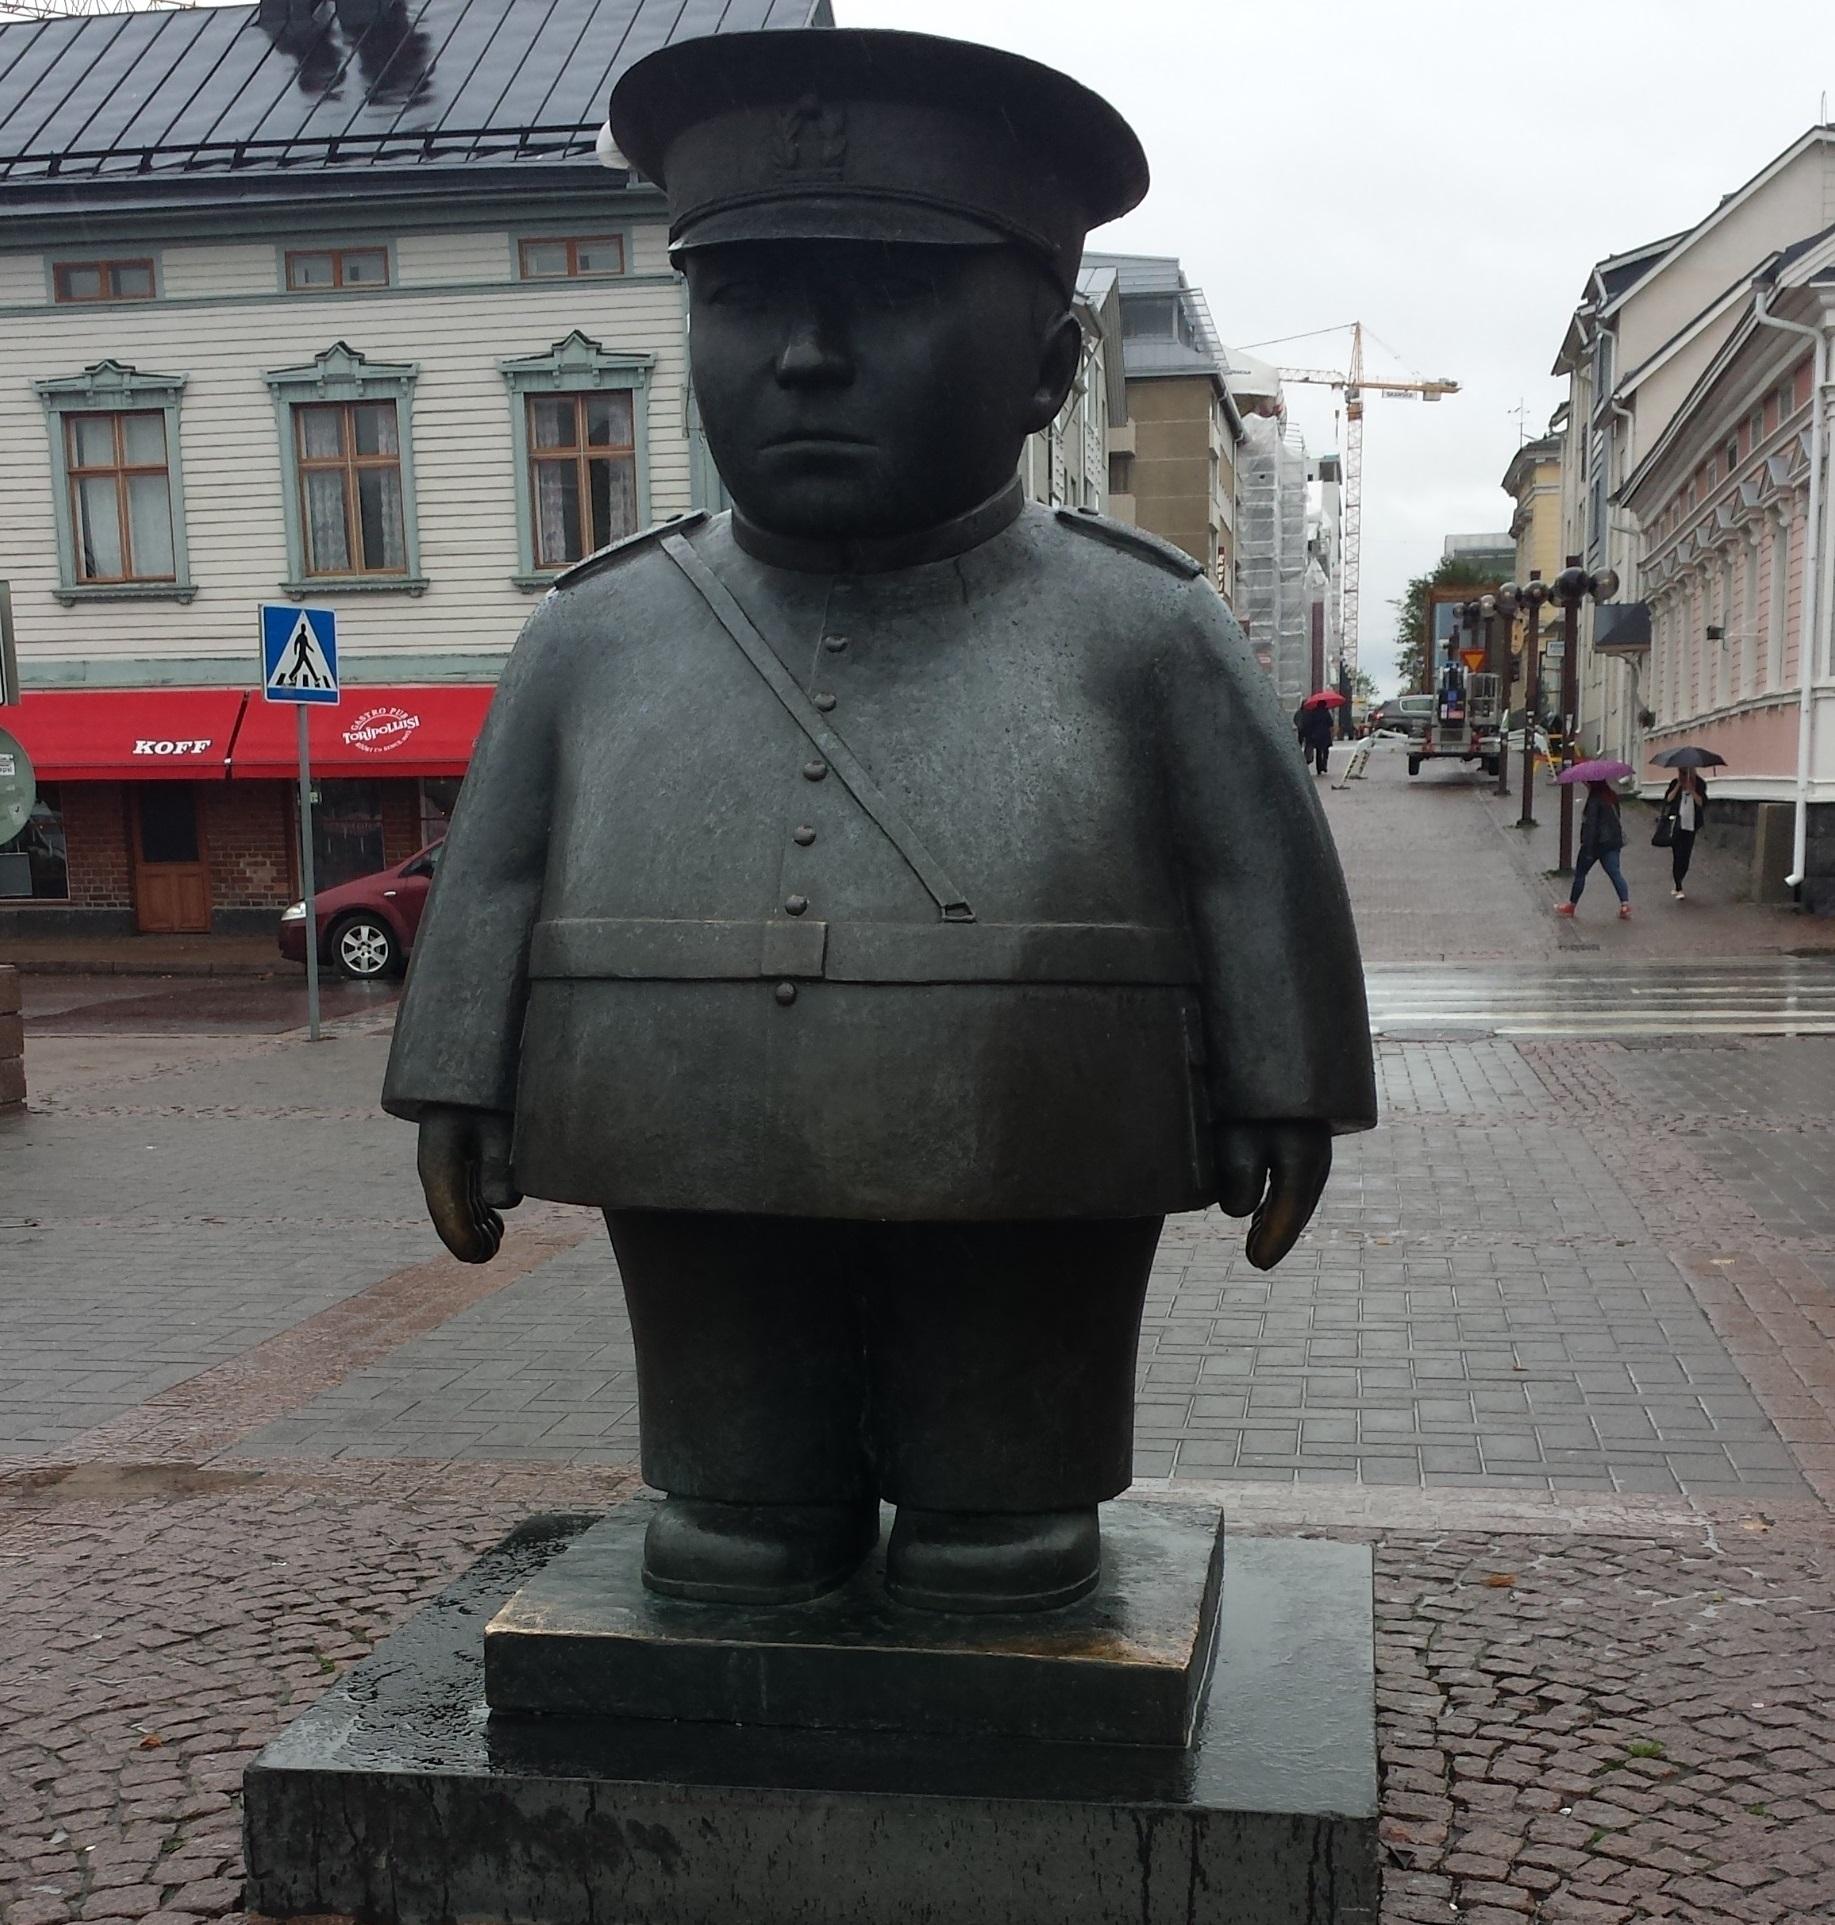 """Der Toripolliisi (""""Marktpolizist"""") passt auf, dass auf dem Marktplatz von Oulu alles mit rechten Dingen zugeht."""